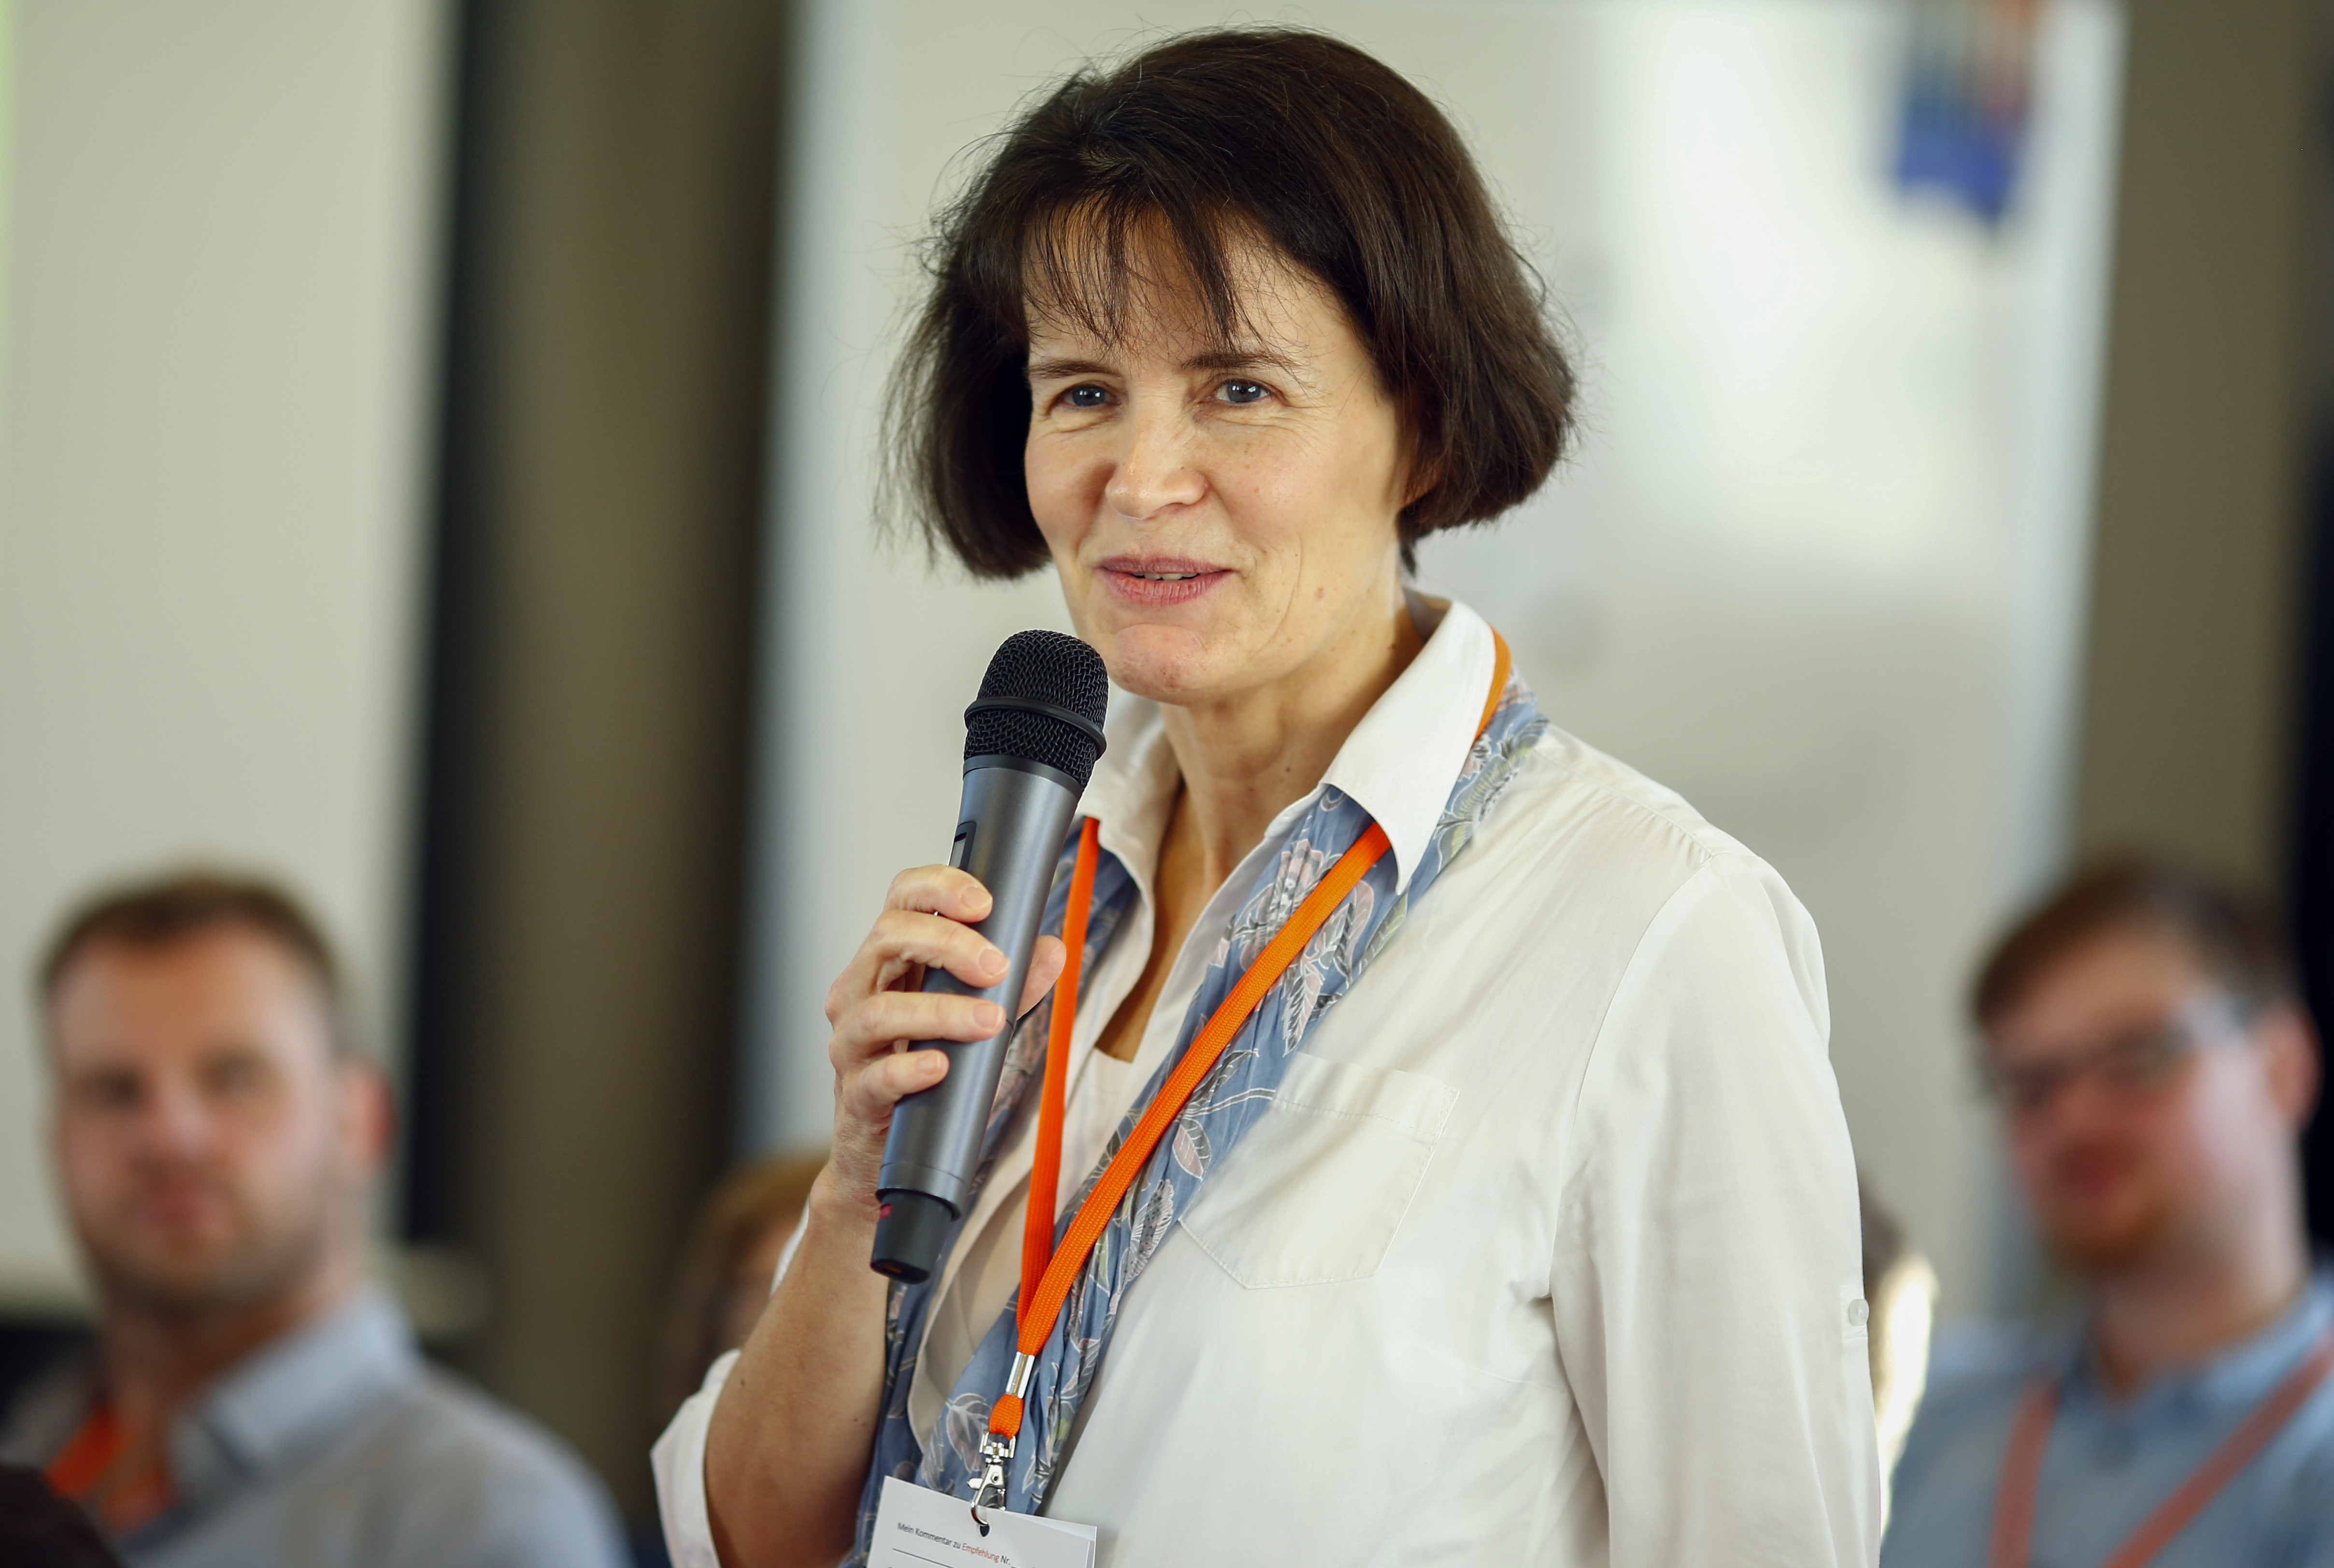 Eine Frau hält ein Mikro in der Hand und spricht vor mehreren Menschen.